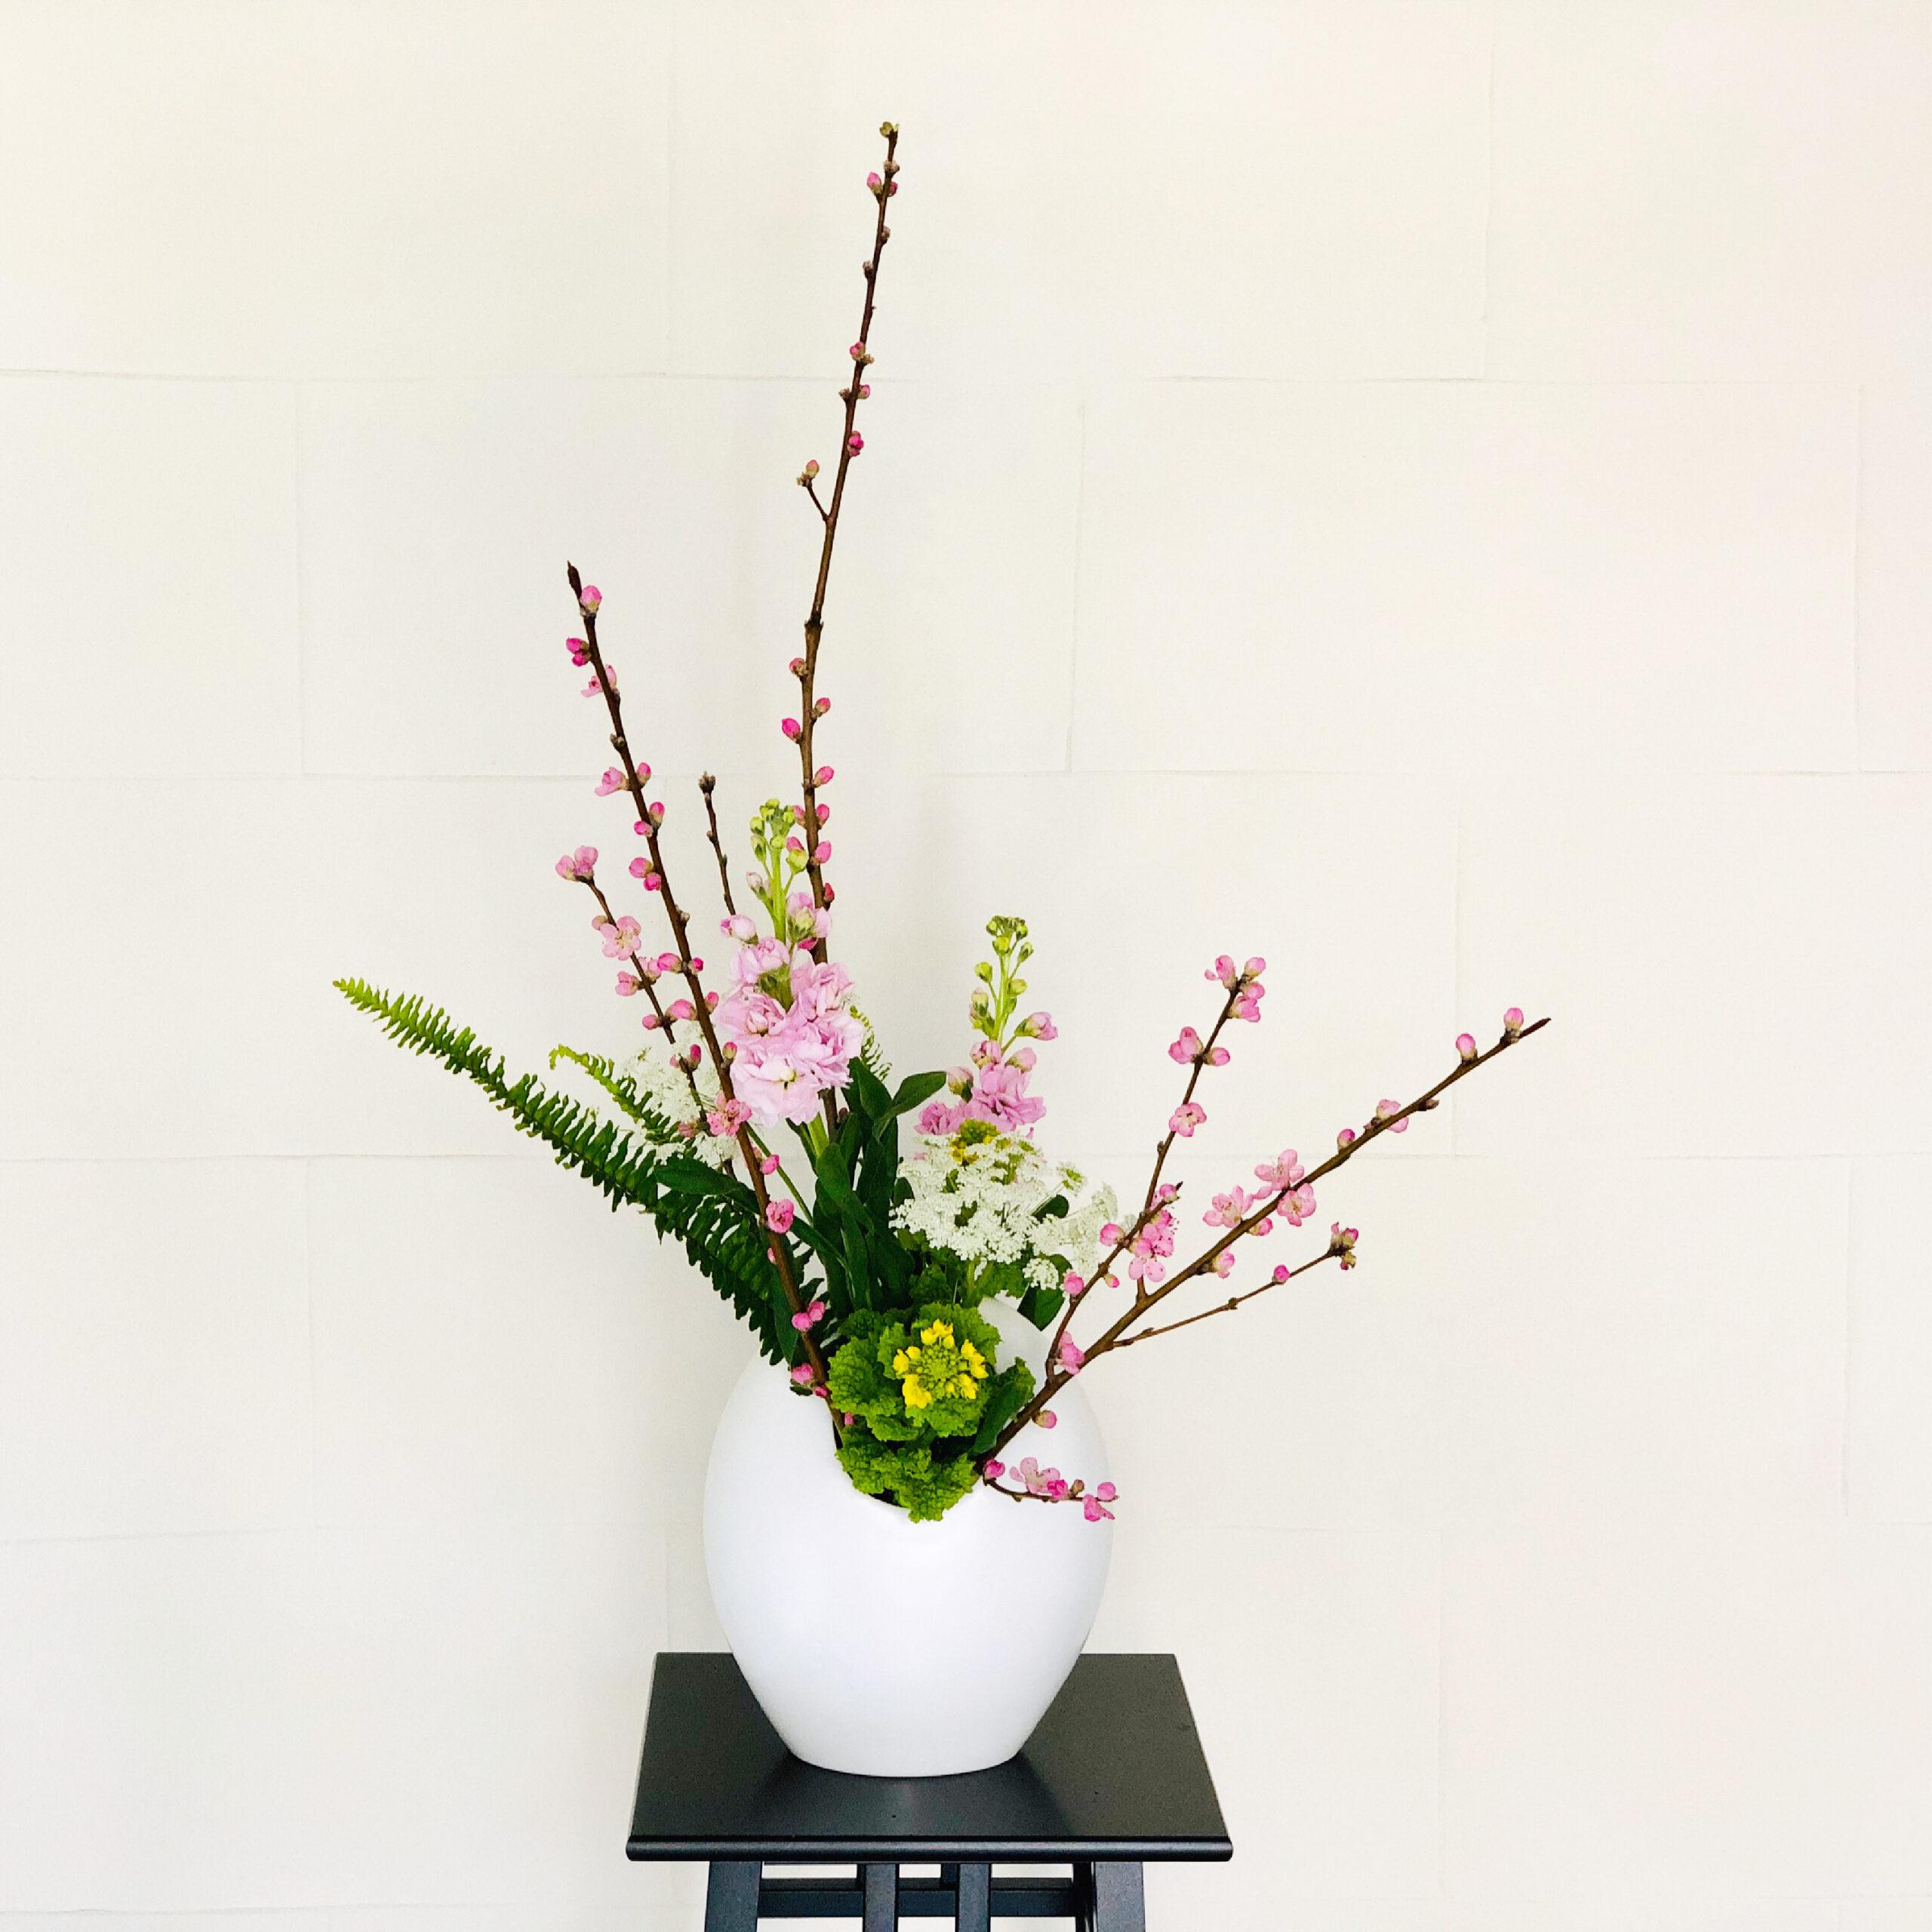 桃の花の生け花